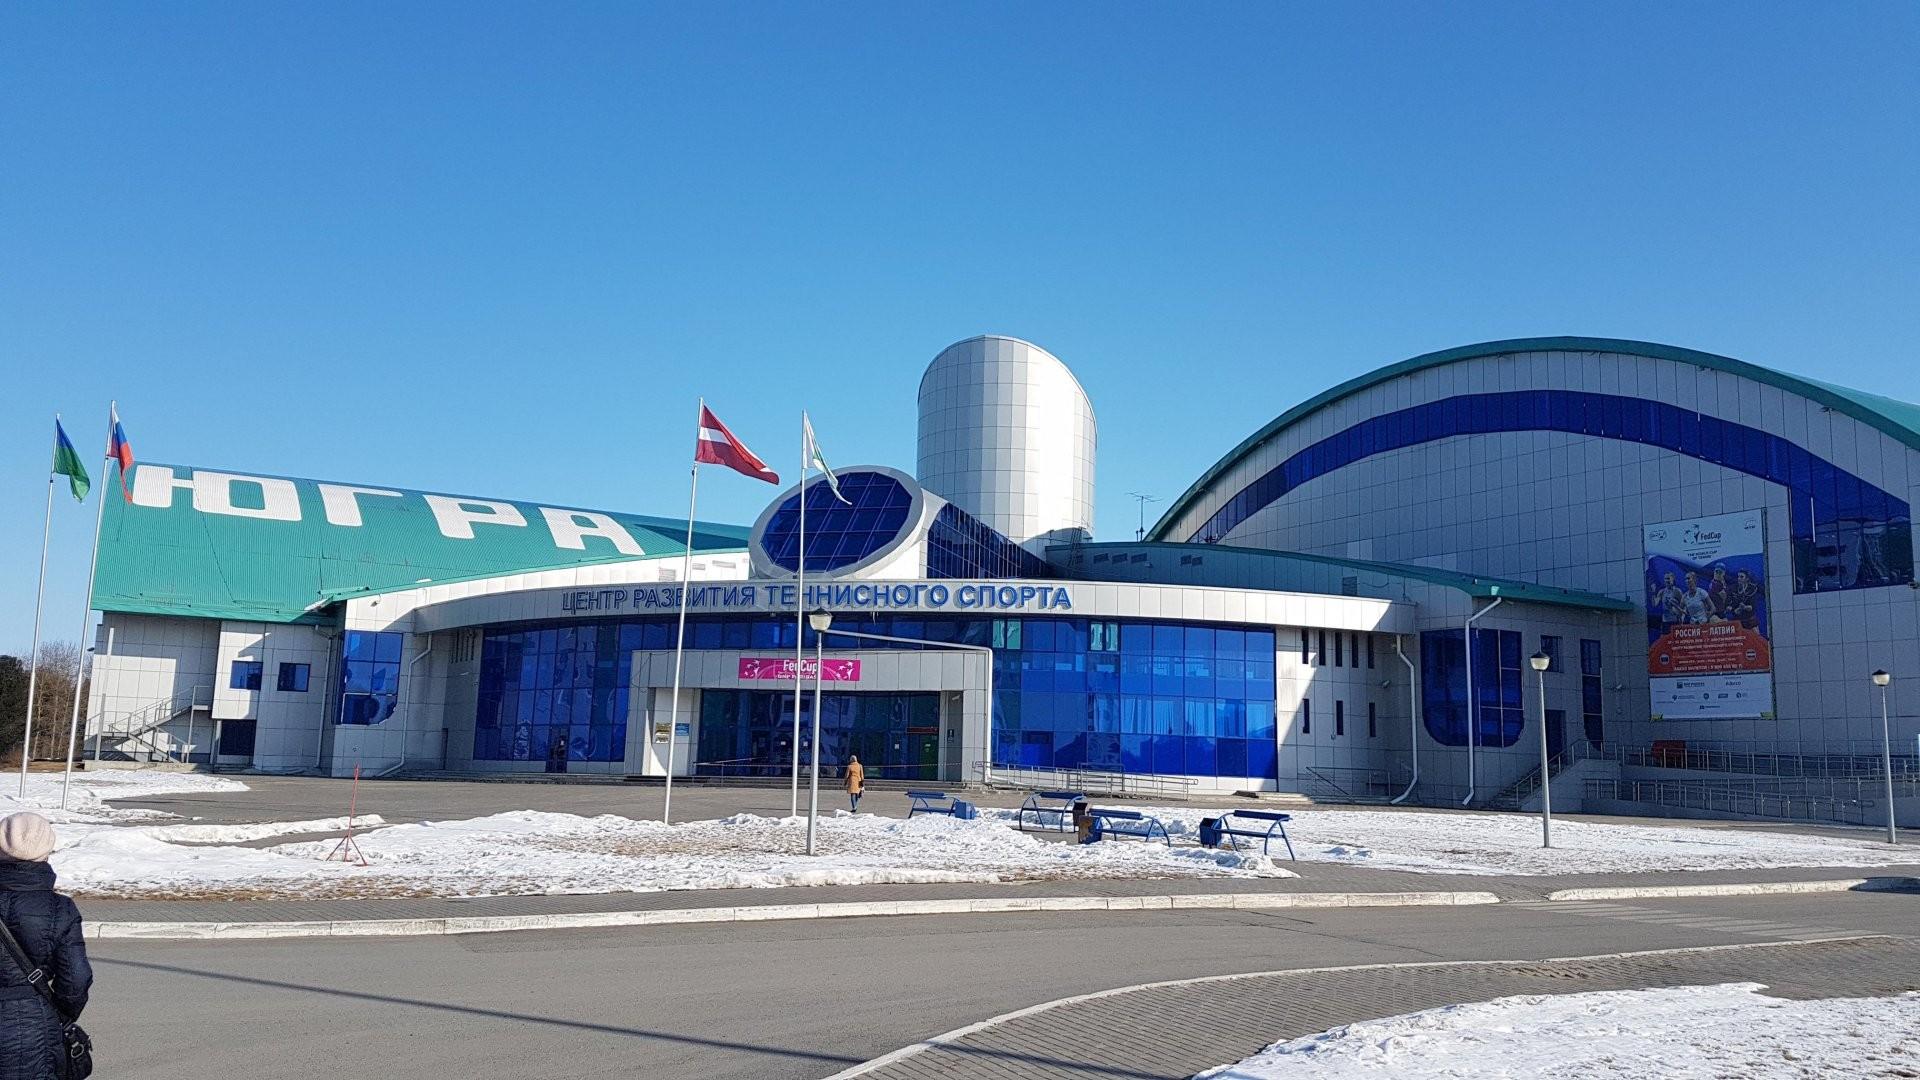 ЮграМегаСпорт, центр развития теннисного спорта - №1